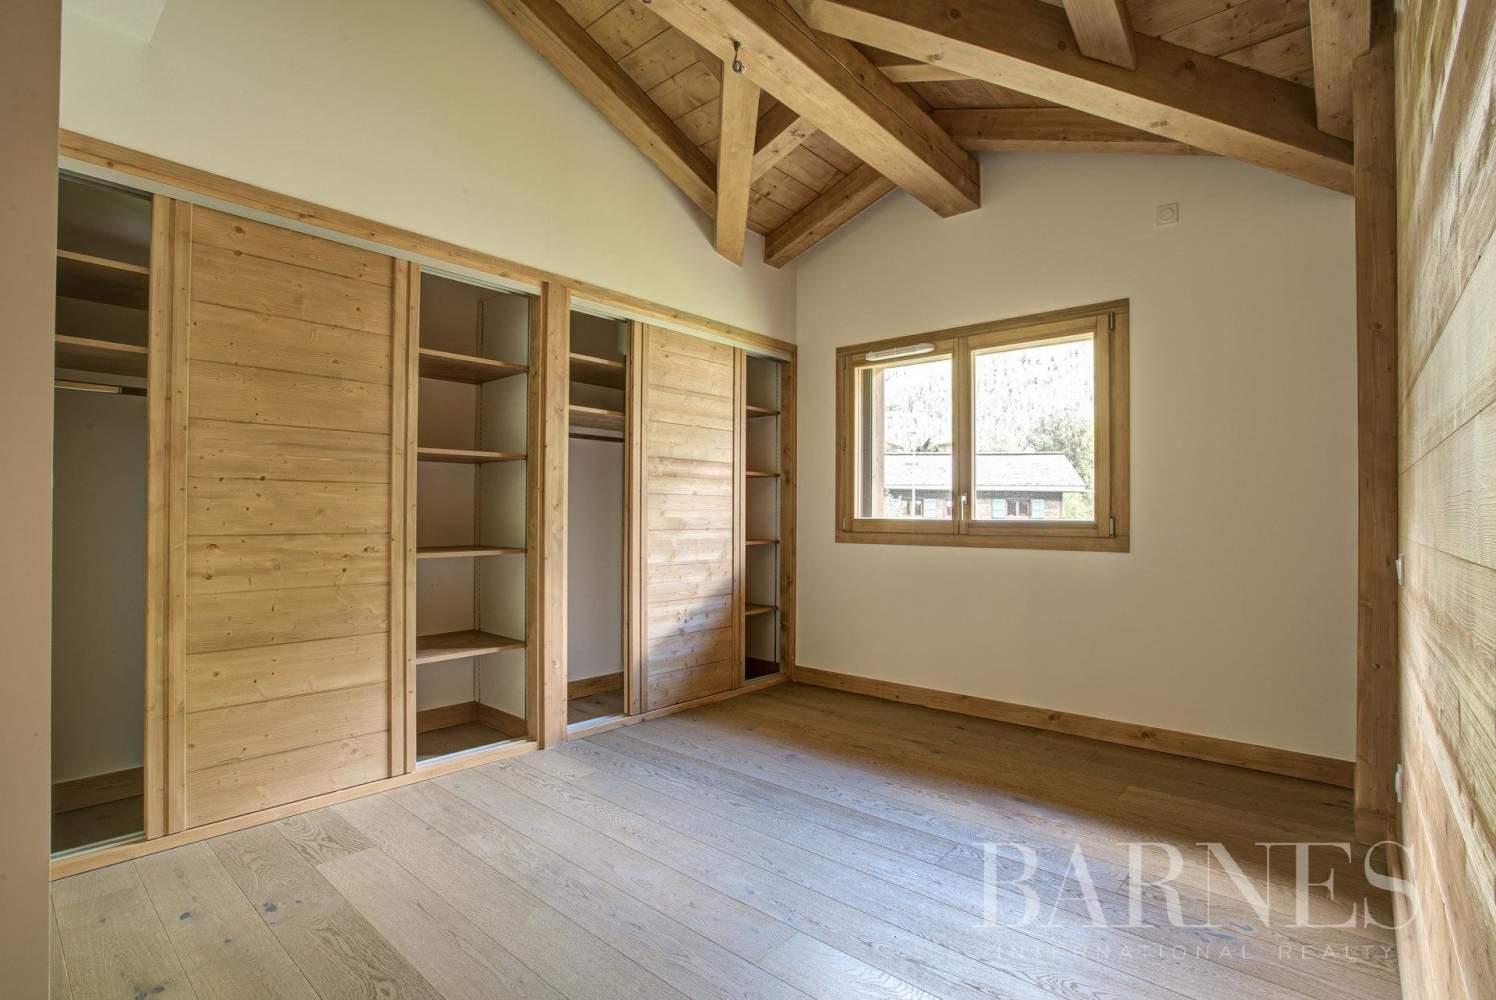 CHAMONIX-Les Praz- bel appartement neuf- 3 chambres-1 coin montagne-2 garages picture 9